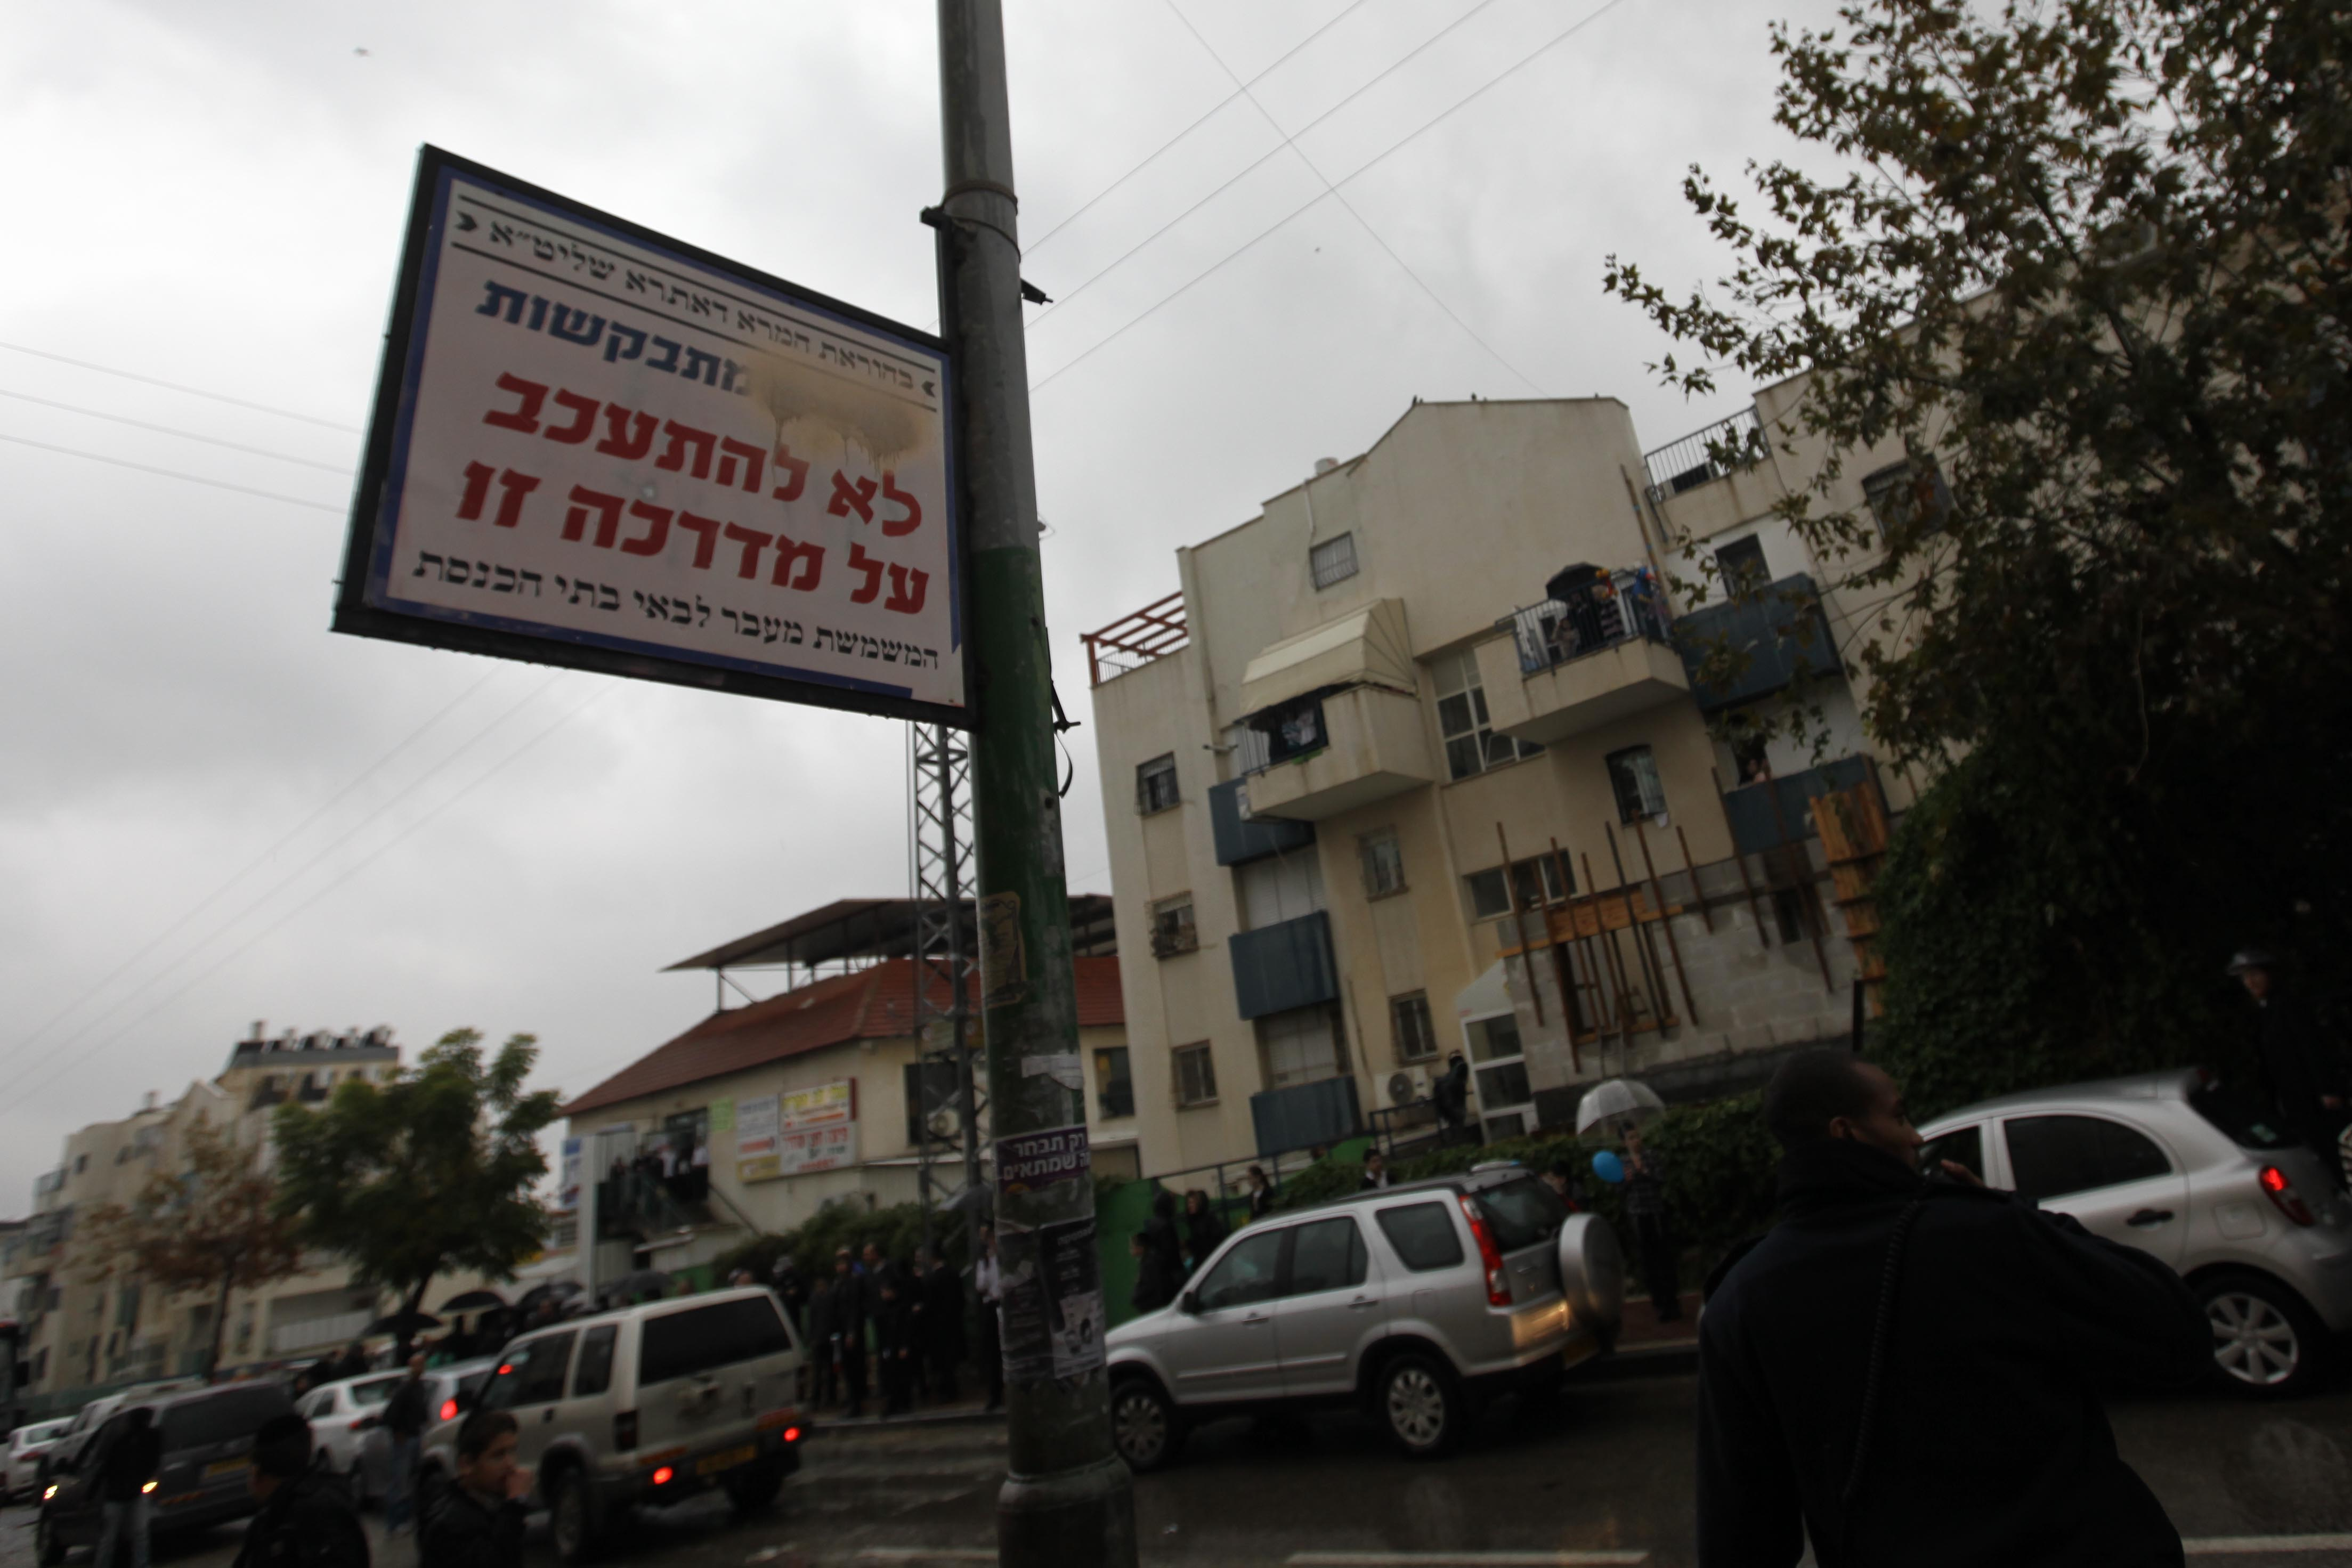 Beit Shemesh Women The City of Beit Shemesh